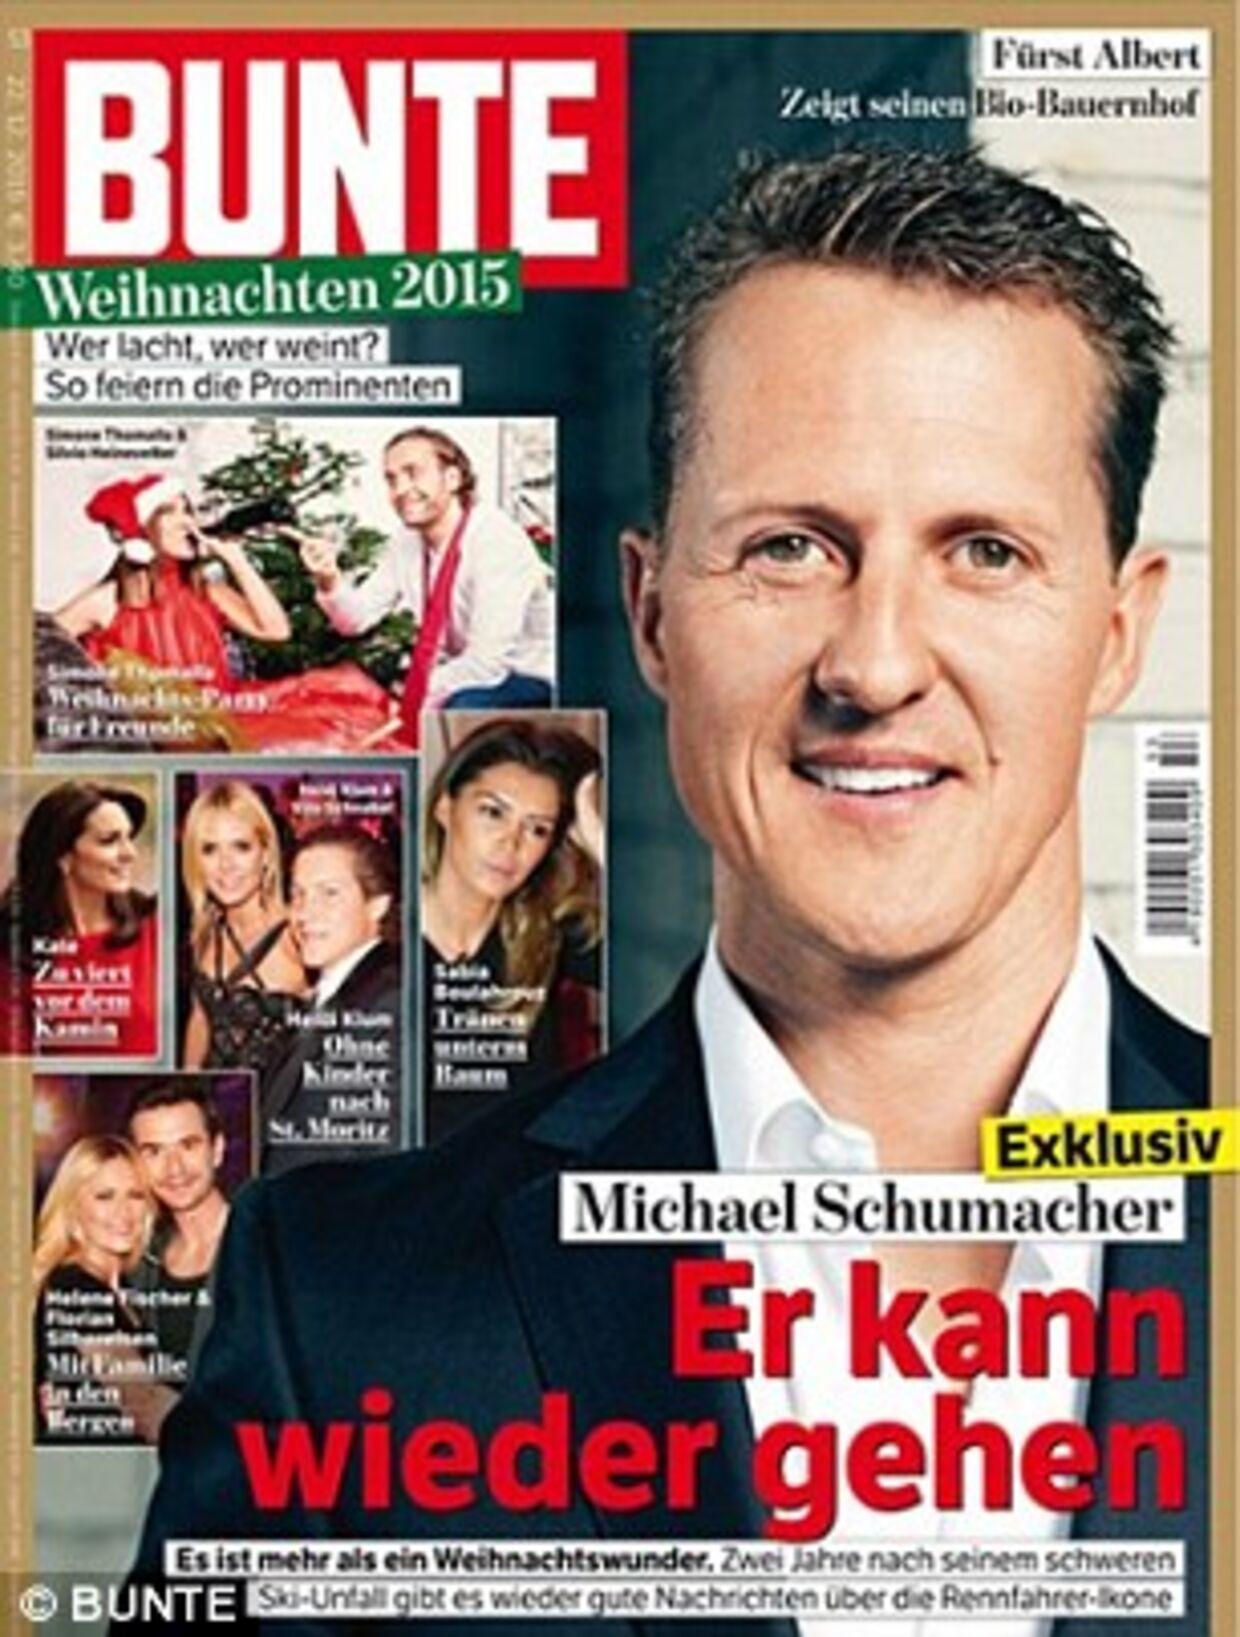 Sådan så forsiden af Bunte ud med den opsigtsvækkende historie om Michael Schumacher.